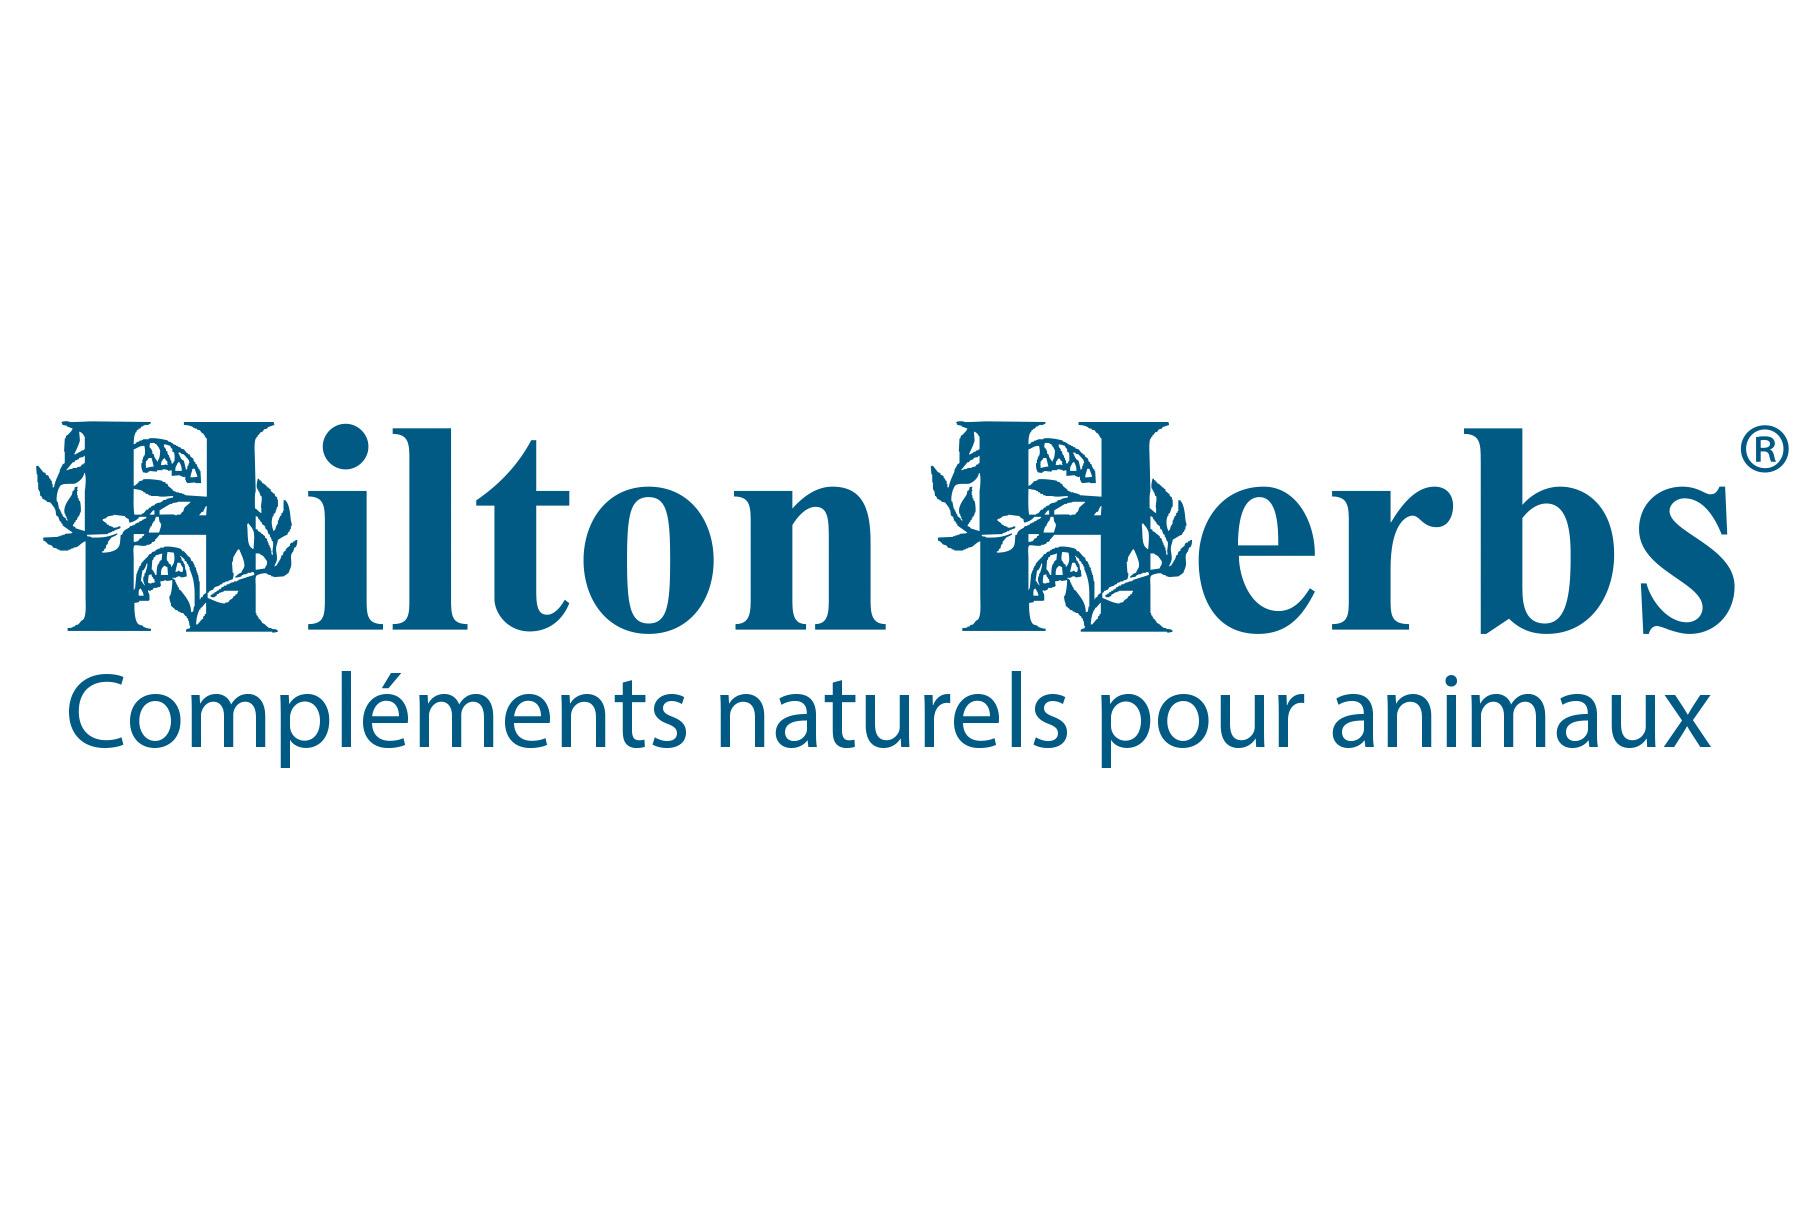 Hilton Herbs compléments naturels